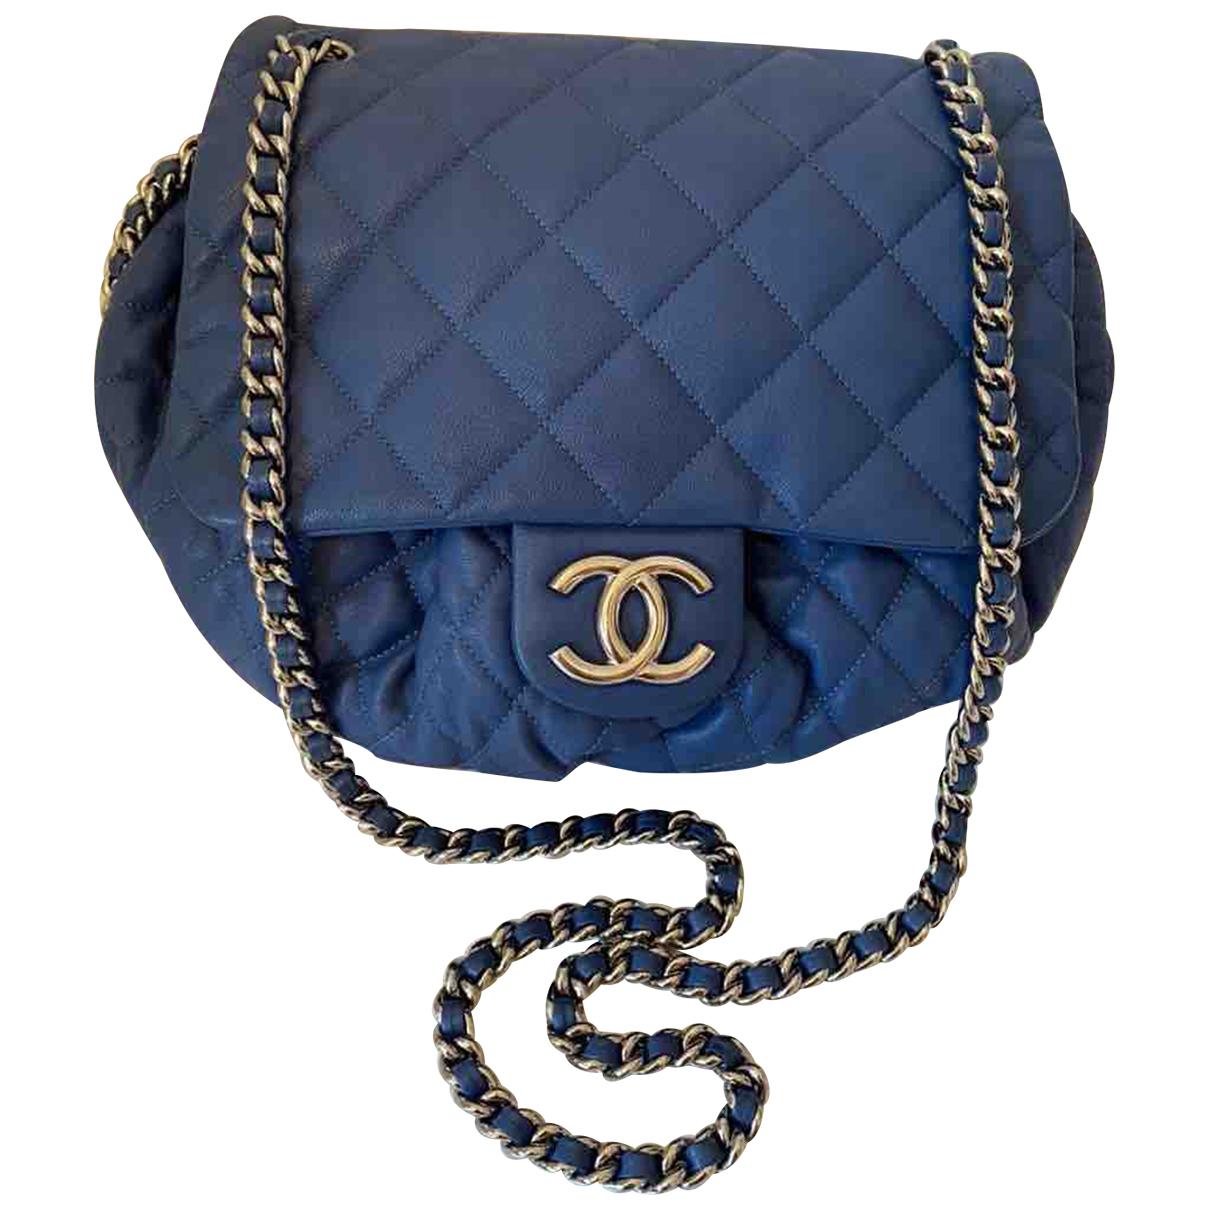 Bandolera Chain Around de Cuero Chanel